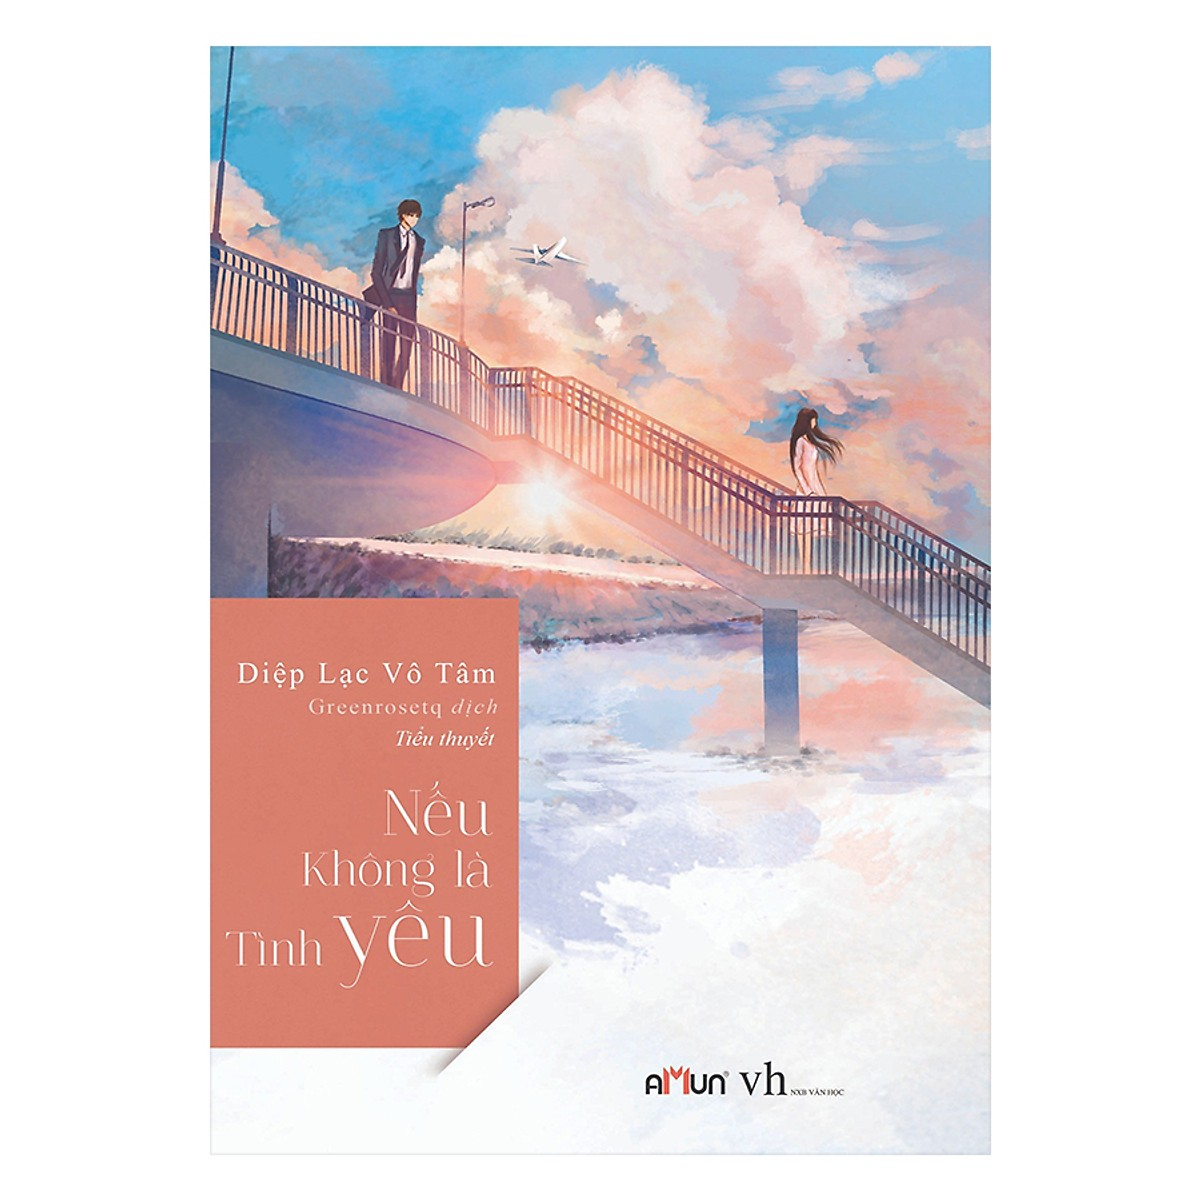 Combo 2 Cuốn Truyện Ngôn Tình: Hồ Ly Biết Yêu + Nếu Không Là Tình Yêu - Diệp Lạc Vô Tâm